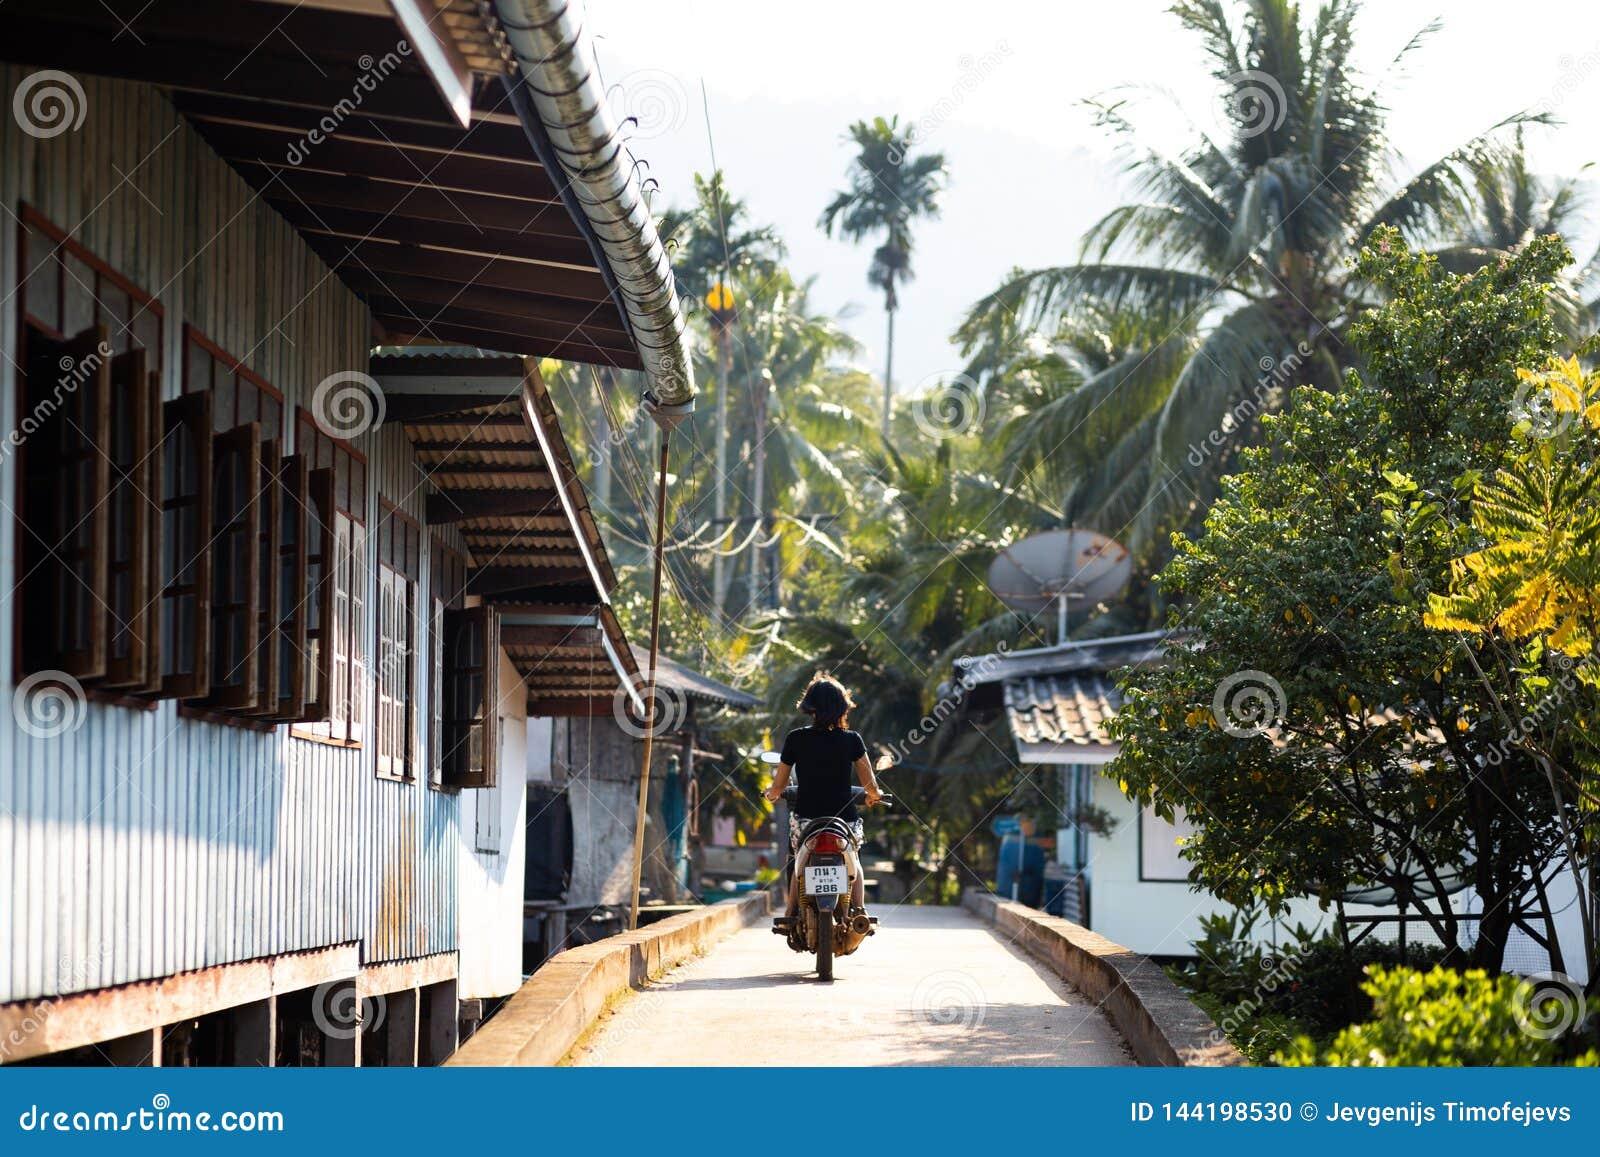 KNOCK-OUT CHANG, THAILAND - APRIL 10, 2018: Het dorp van authentieke traditionele vissers op het eiland - Mensen en kinderen binn